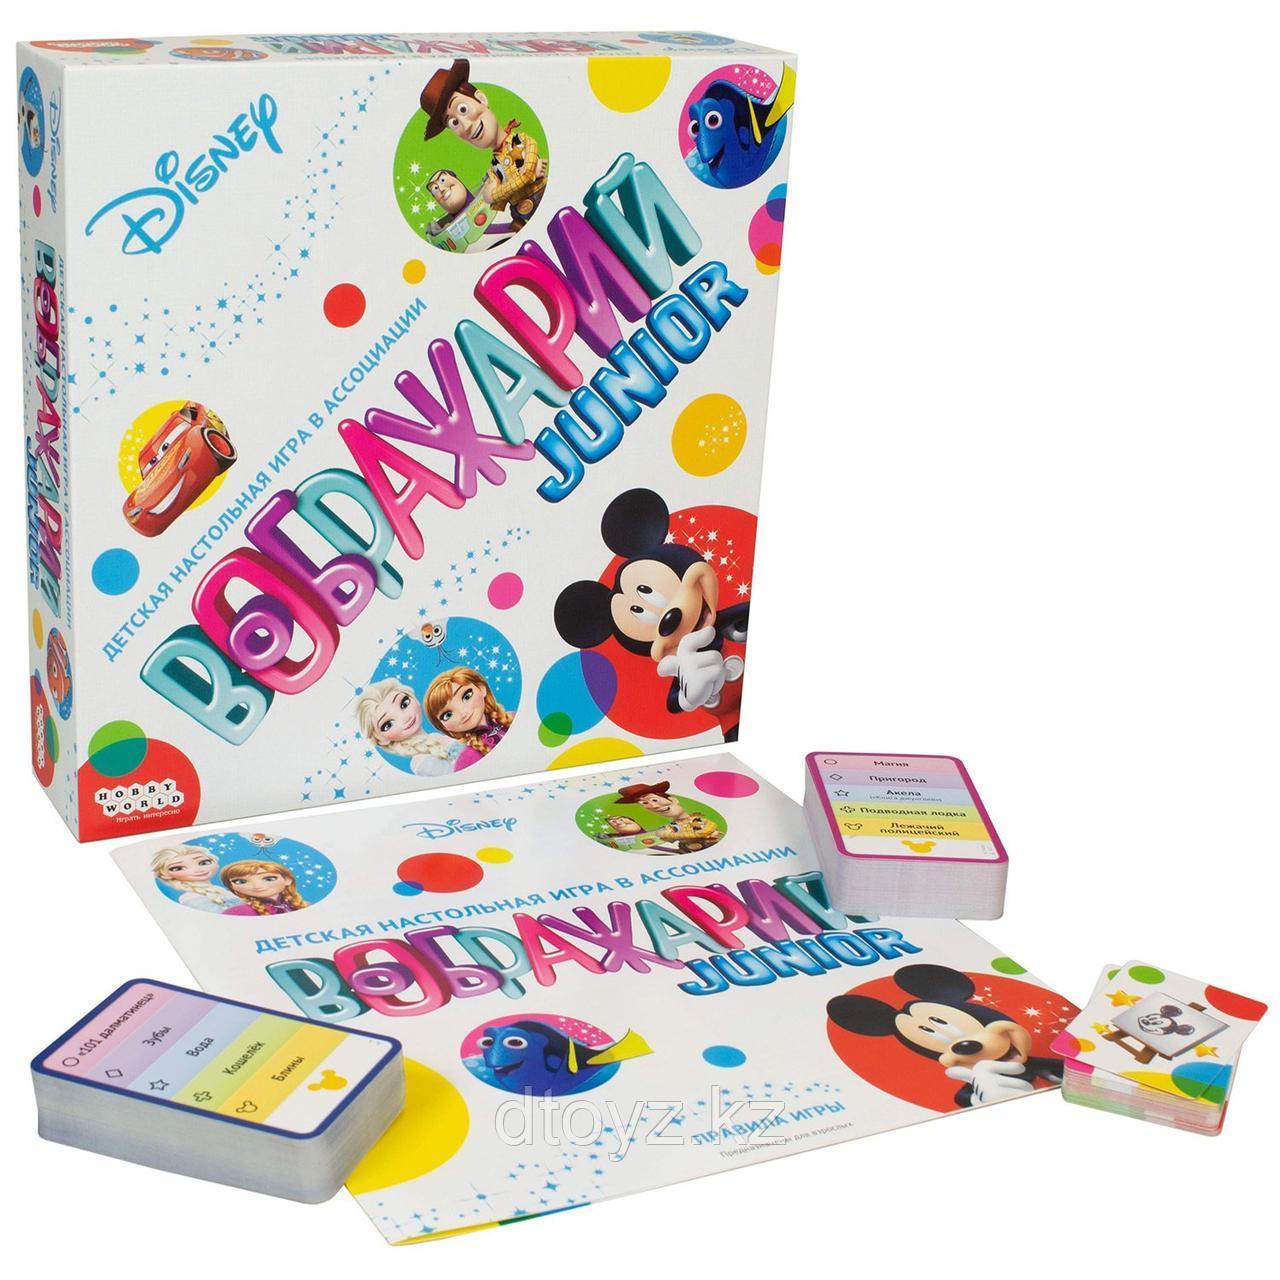 Игра настольная Hobby World Воображарий Disney 915107 - фото 2